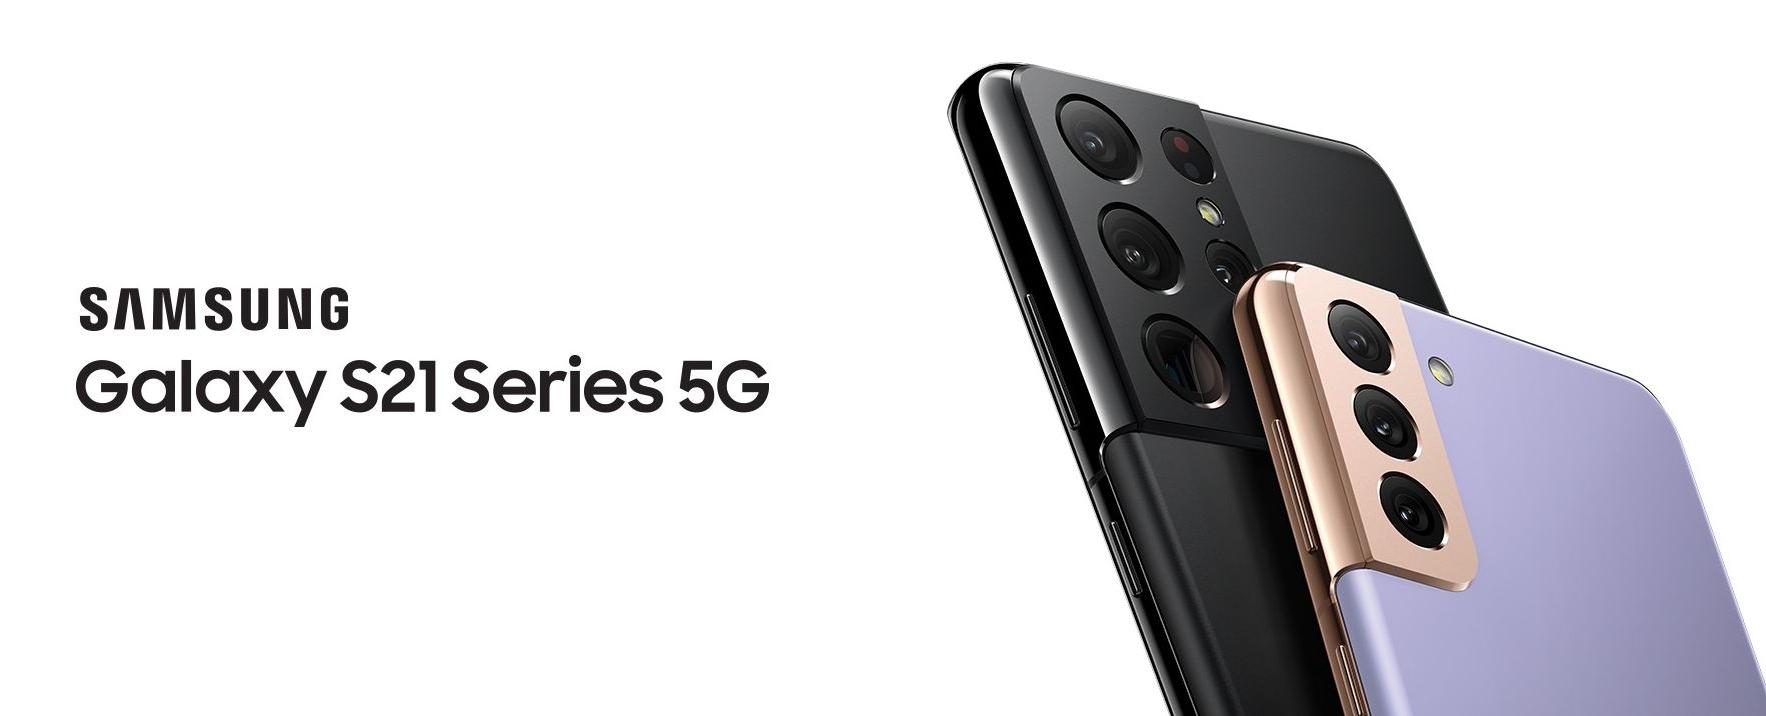 Когда выйдут и сколько будут стоить смартфоны Galaxy S21 и TWS-наушники Galaxy Buds Pro в Украине